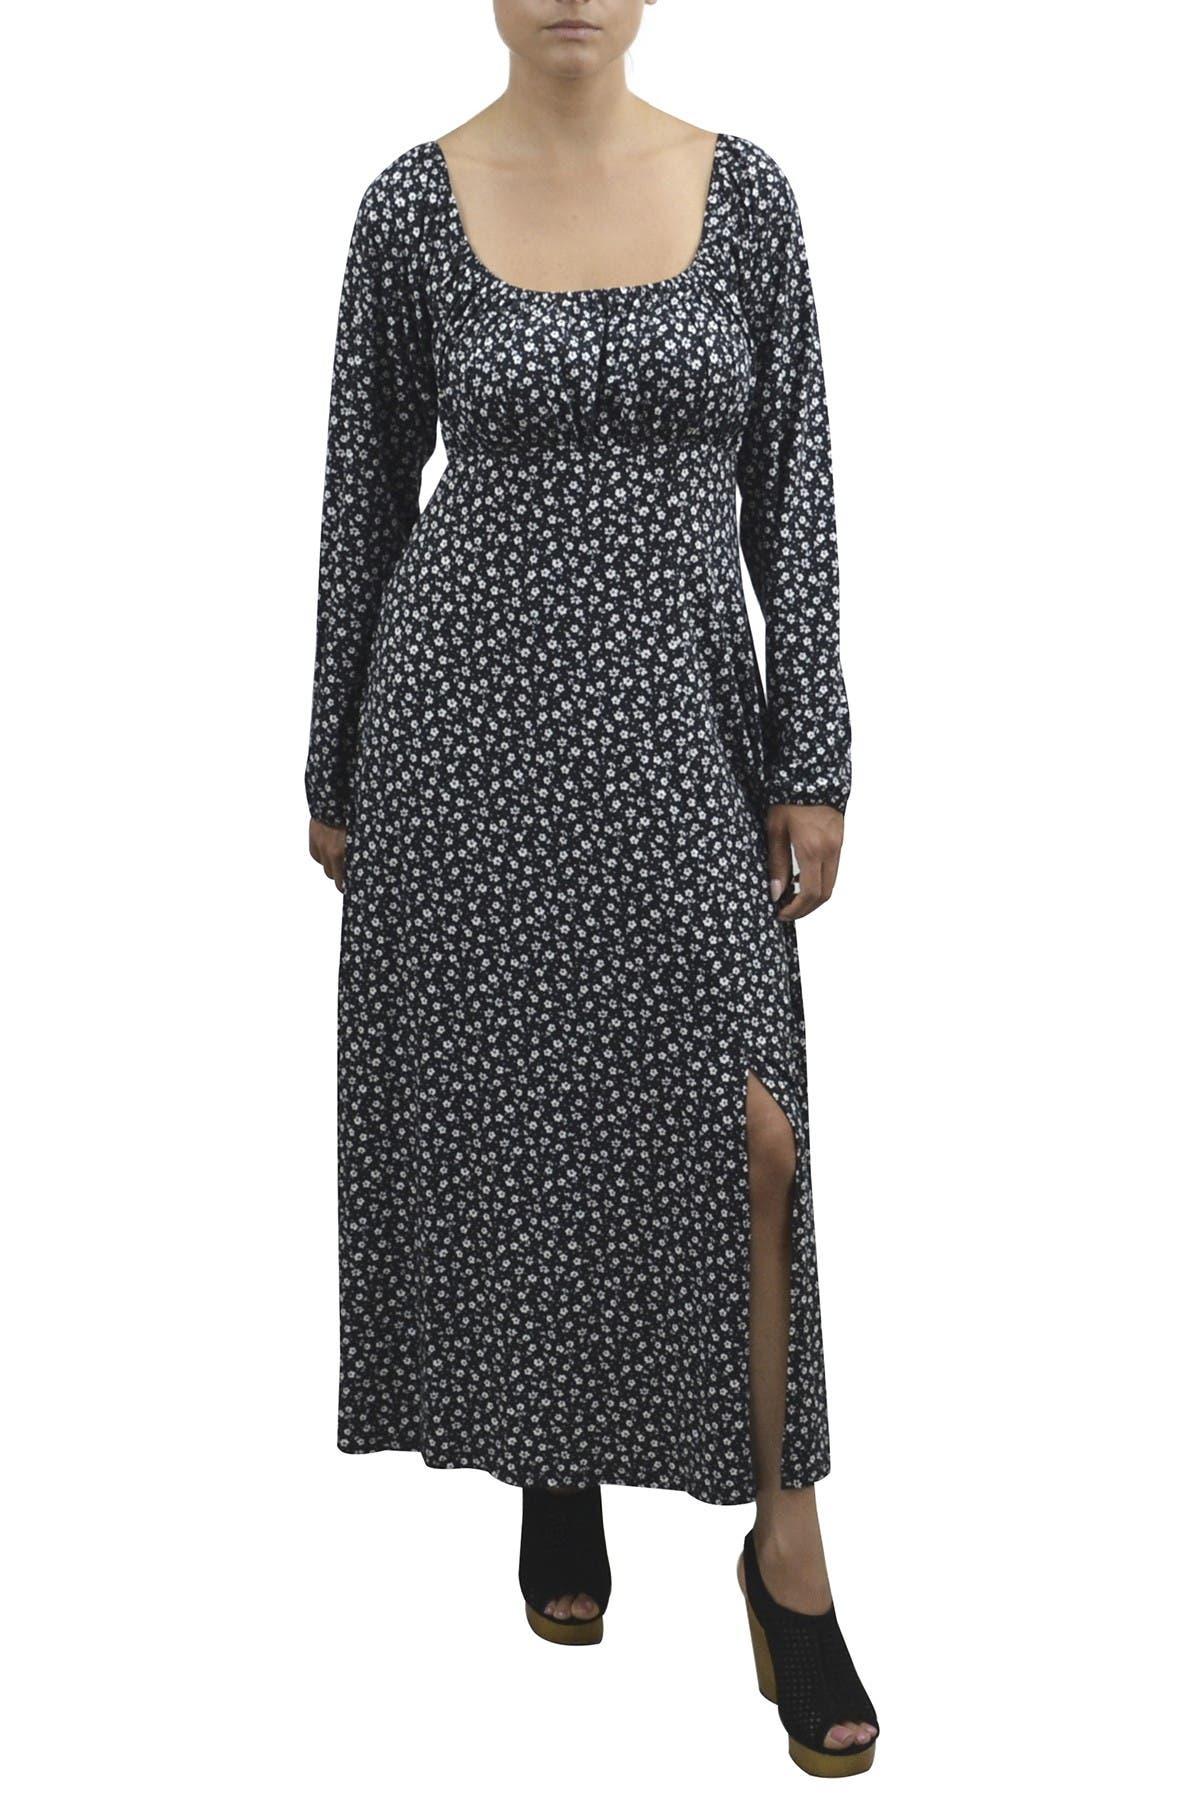 Image of Velvet Torch Off The Shoulder Dot Dress